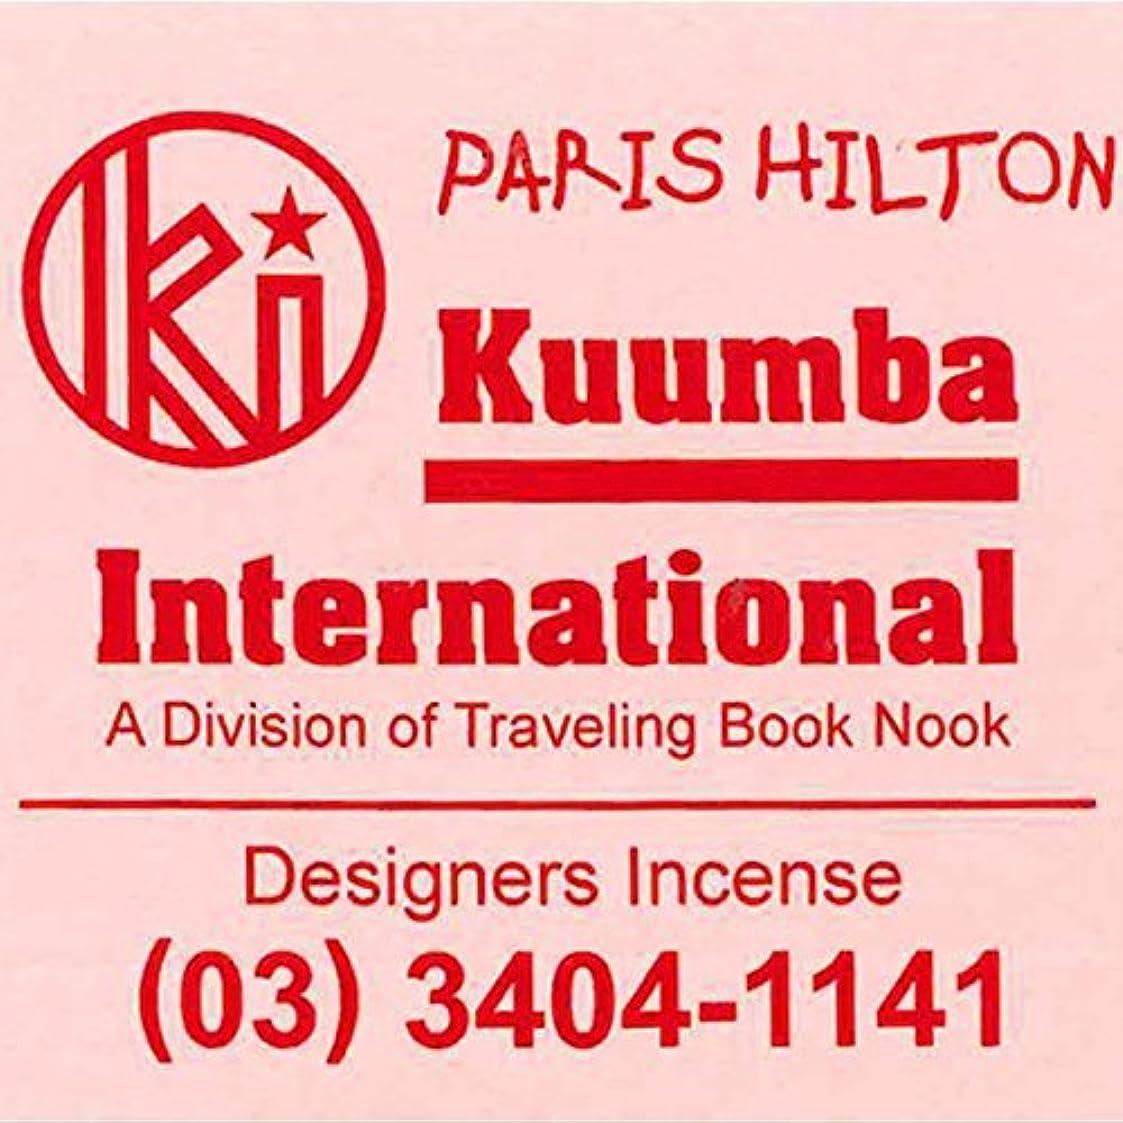 付録品種批判KUUMBA/クンバ『incense』(PARIS HILTON パリスヒルトン)(Regular size レギュラーサイズ)